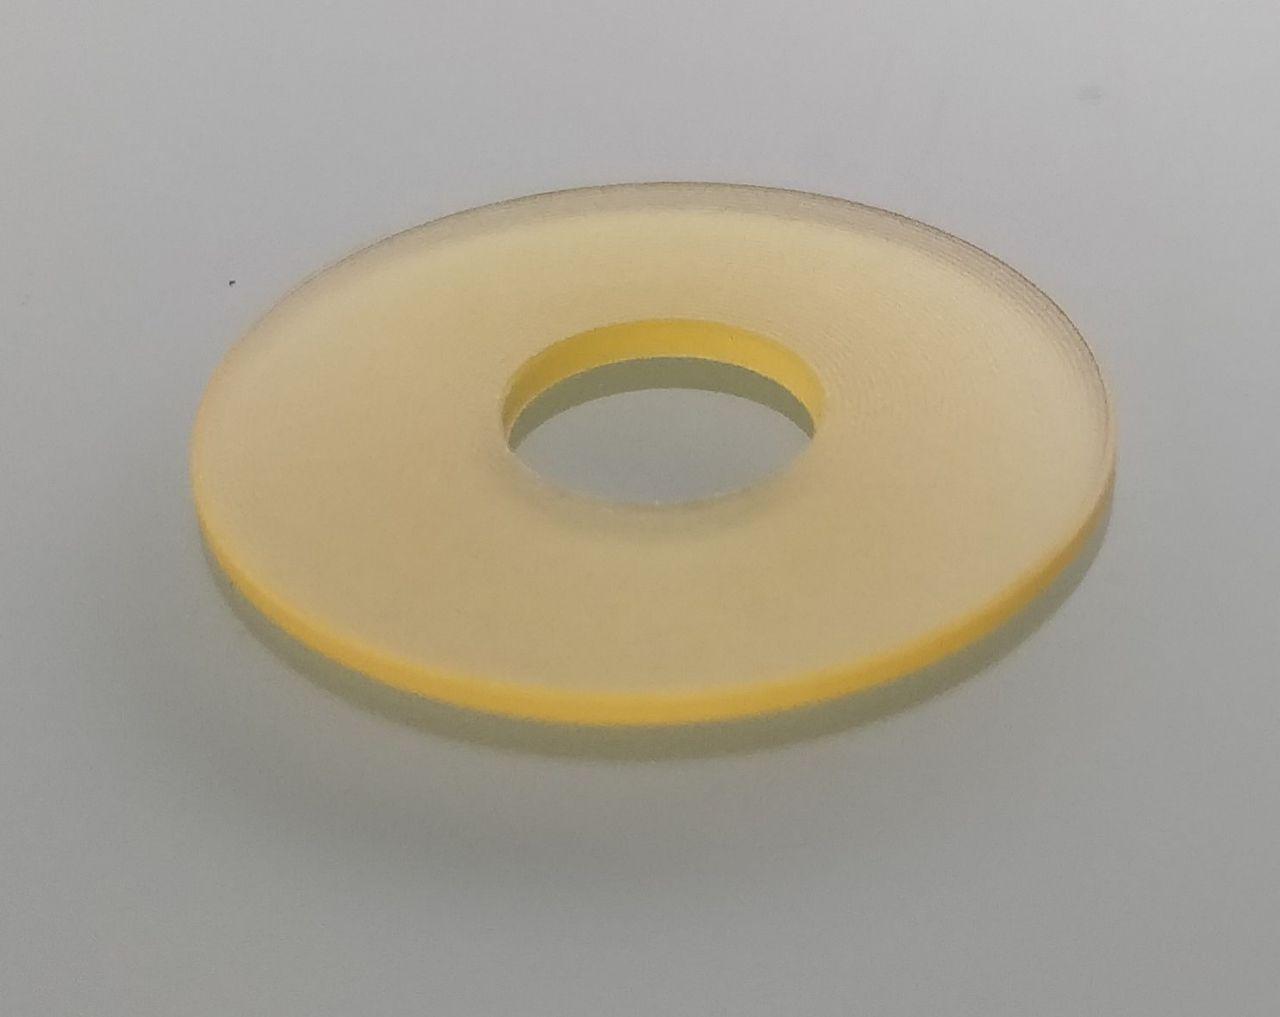 Ultem heat sink adapter 24mm